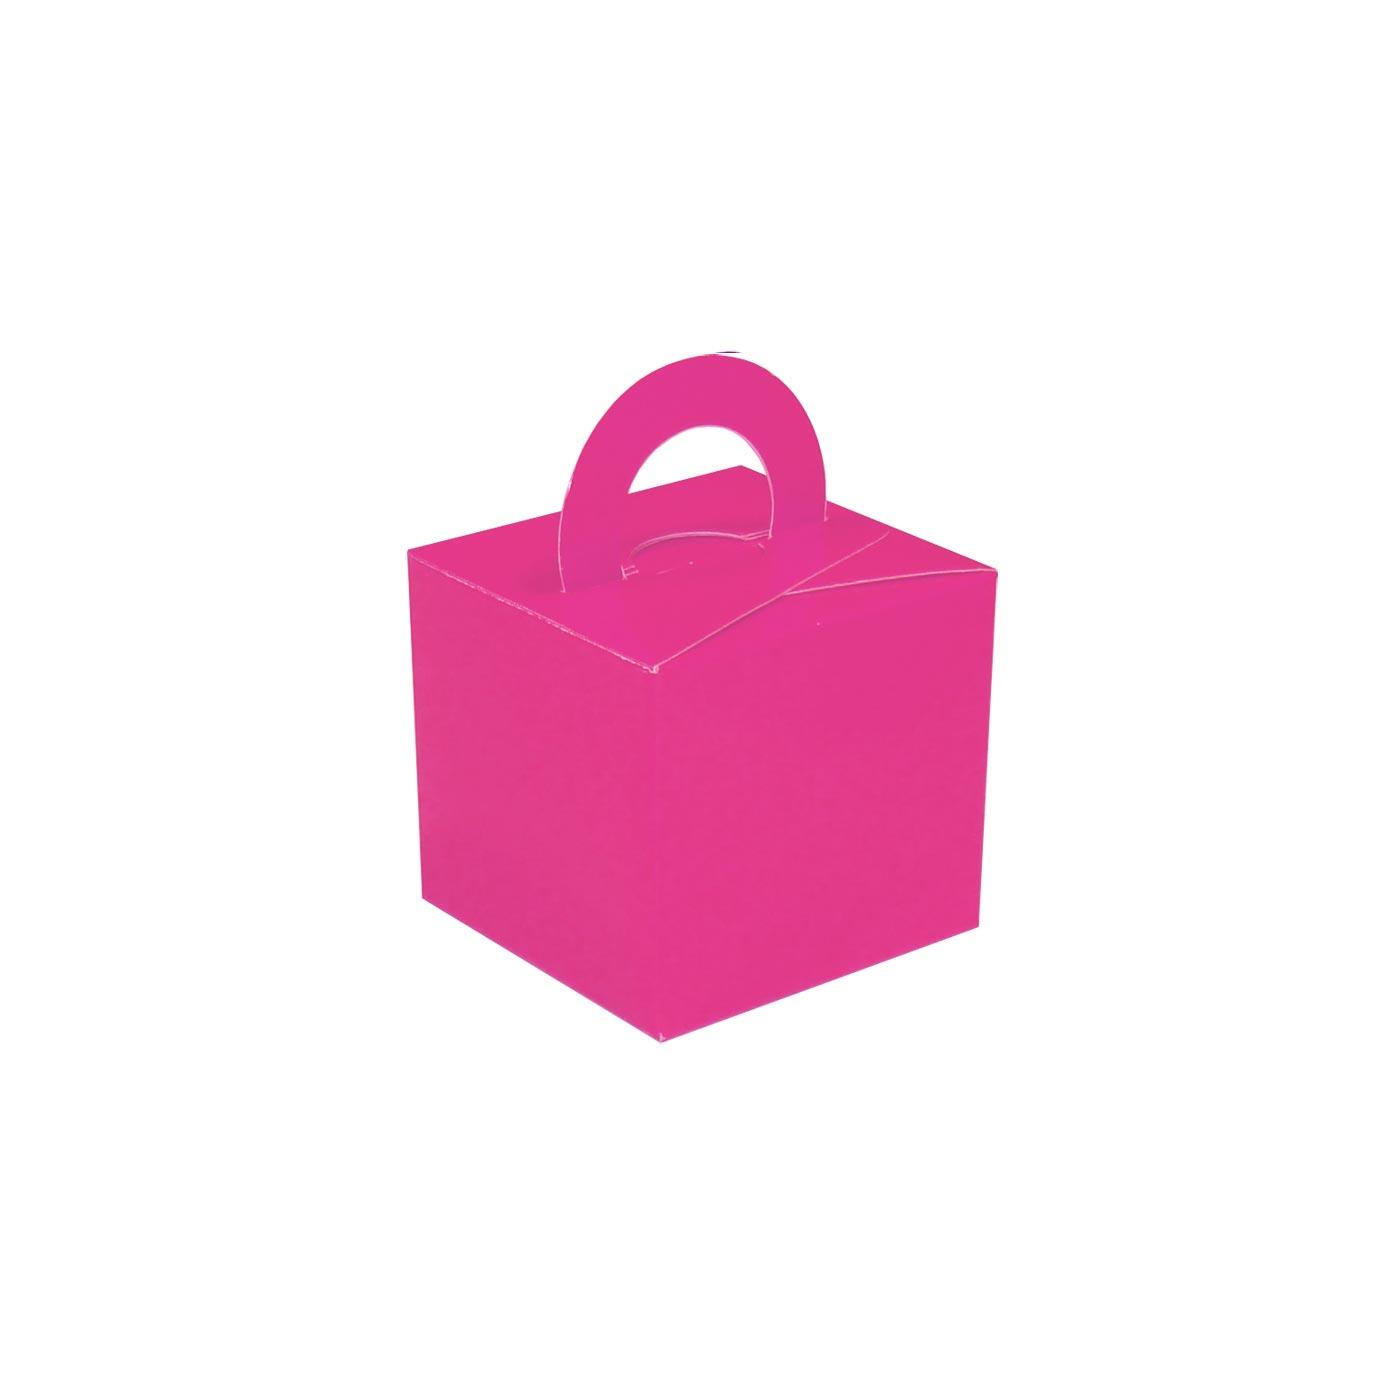 Fuchsia Balloon Weight Box